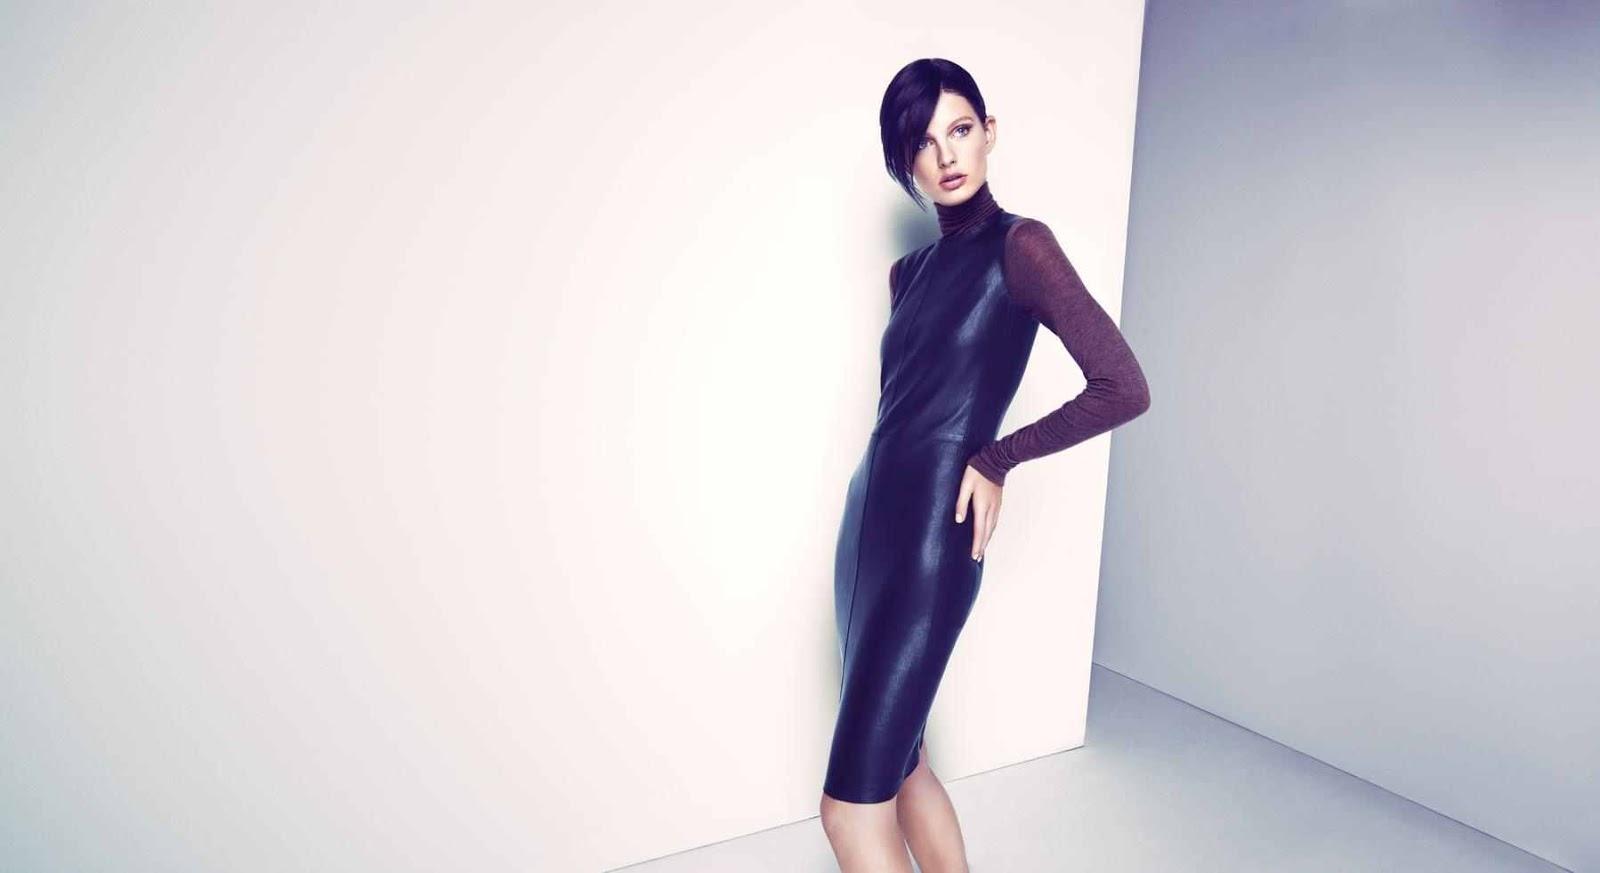 fd991476af1 Top Fashion Blog